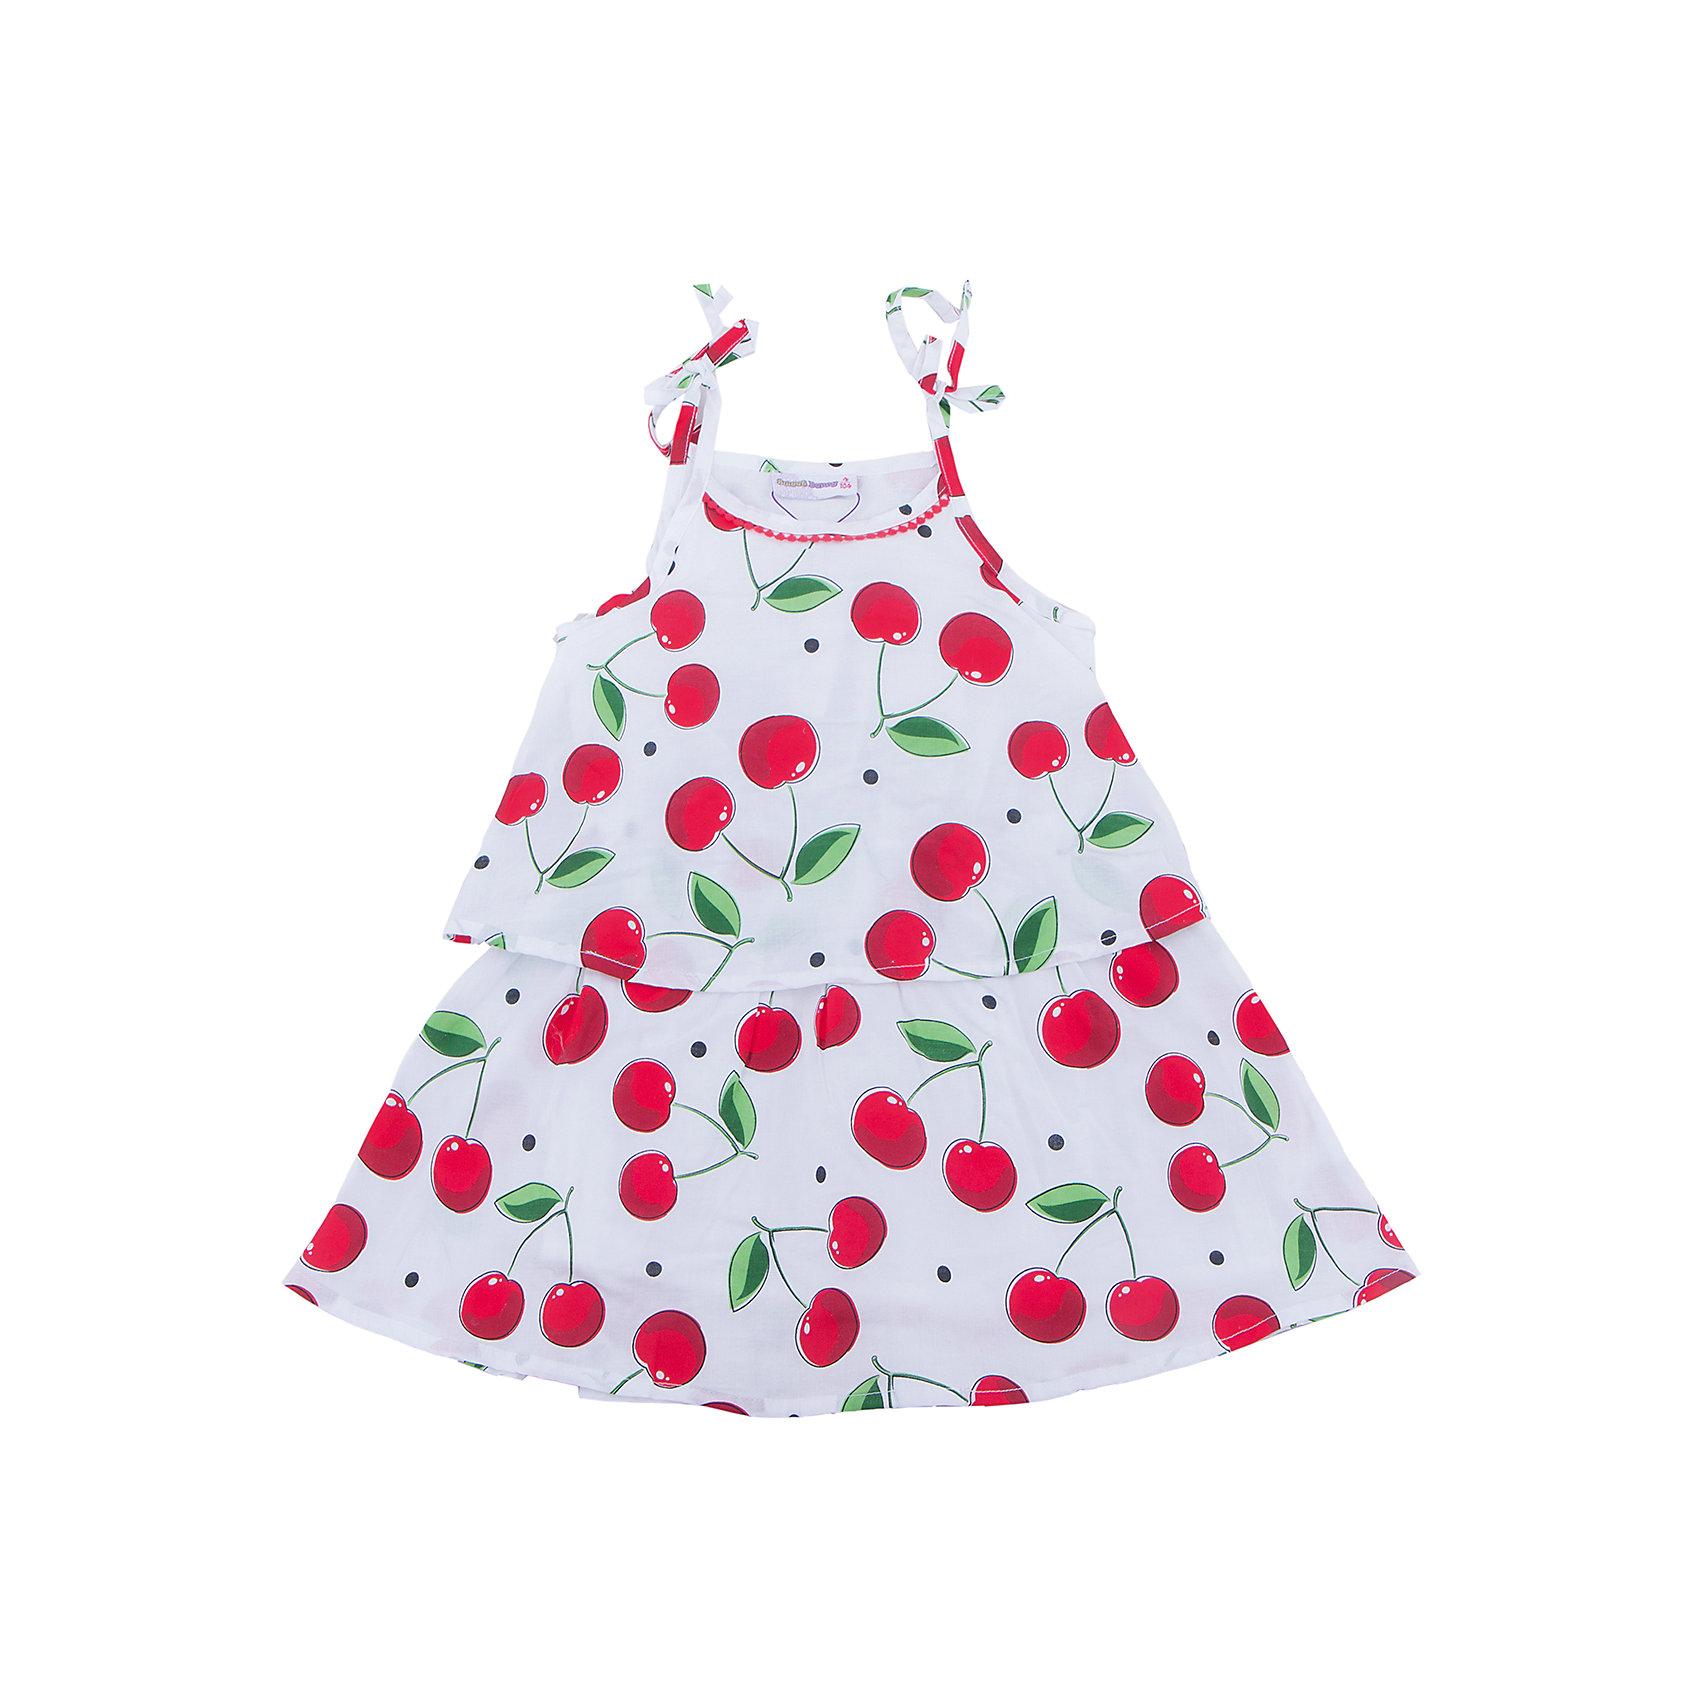 Платье для девочки Sweet BerryПлатья и сарафаны<br>Хлопковое платье для девочки из принтованной ткани на регулируемых бретелях. Свободный крой.<br>Состав:<br>Верх: 100% хлопок  Подкладка: 100% хлопок<br><br>Ширина мм: 236<br>Глубина мм: 16<br>Высота мм: 184<br>Вес г: 177<br>Цвет: белый<br>Возраст от месяцев: 36<br>Возраст до месяцев: 48<br>Пол: Женский<br>Возраст: Детский<br>Размер: 104,98,110,116,122,128<br>SKU: 5410108